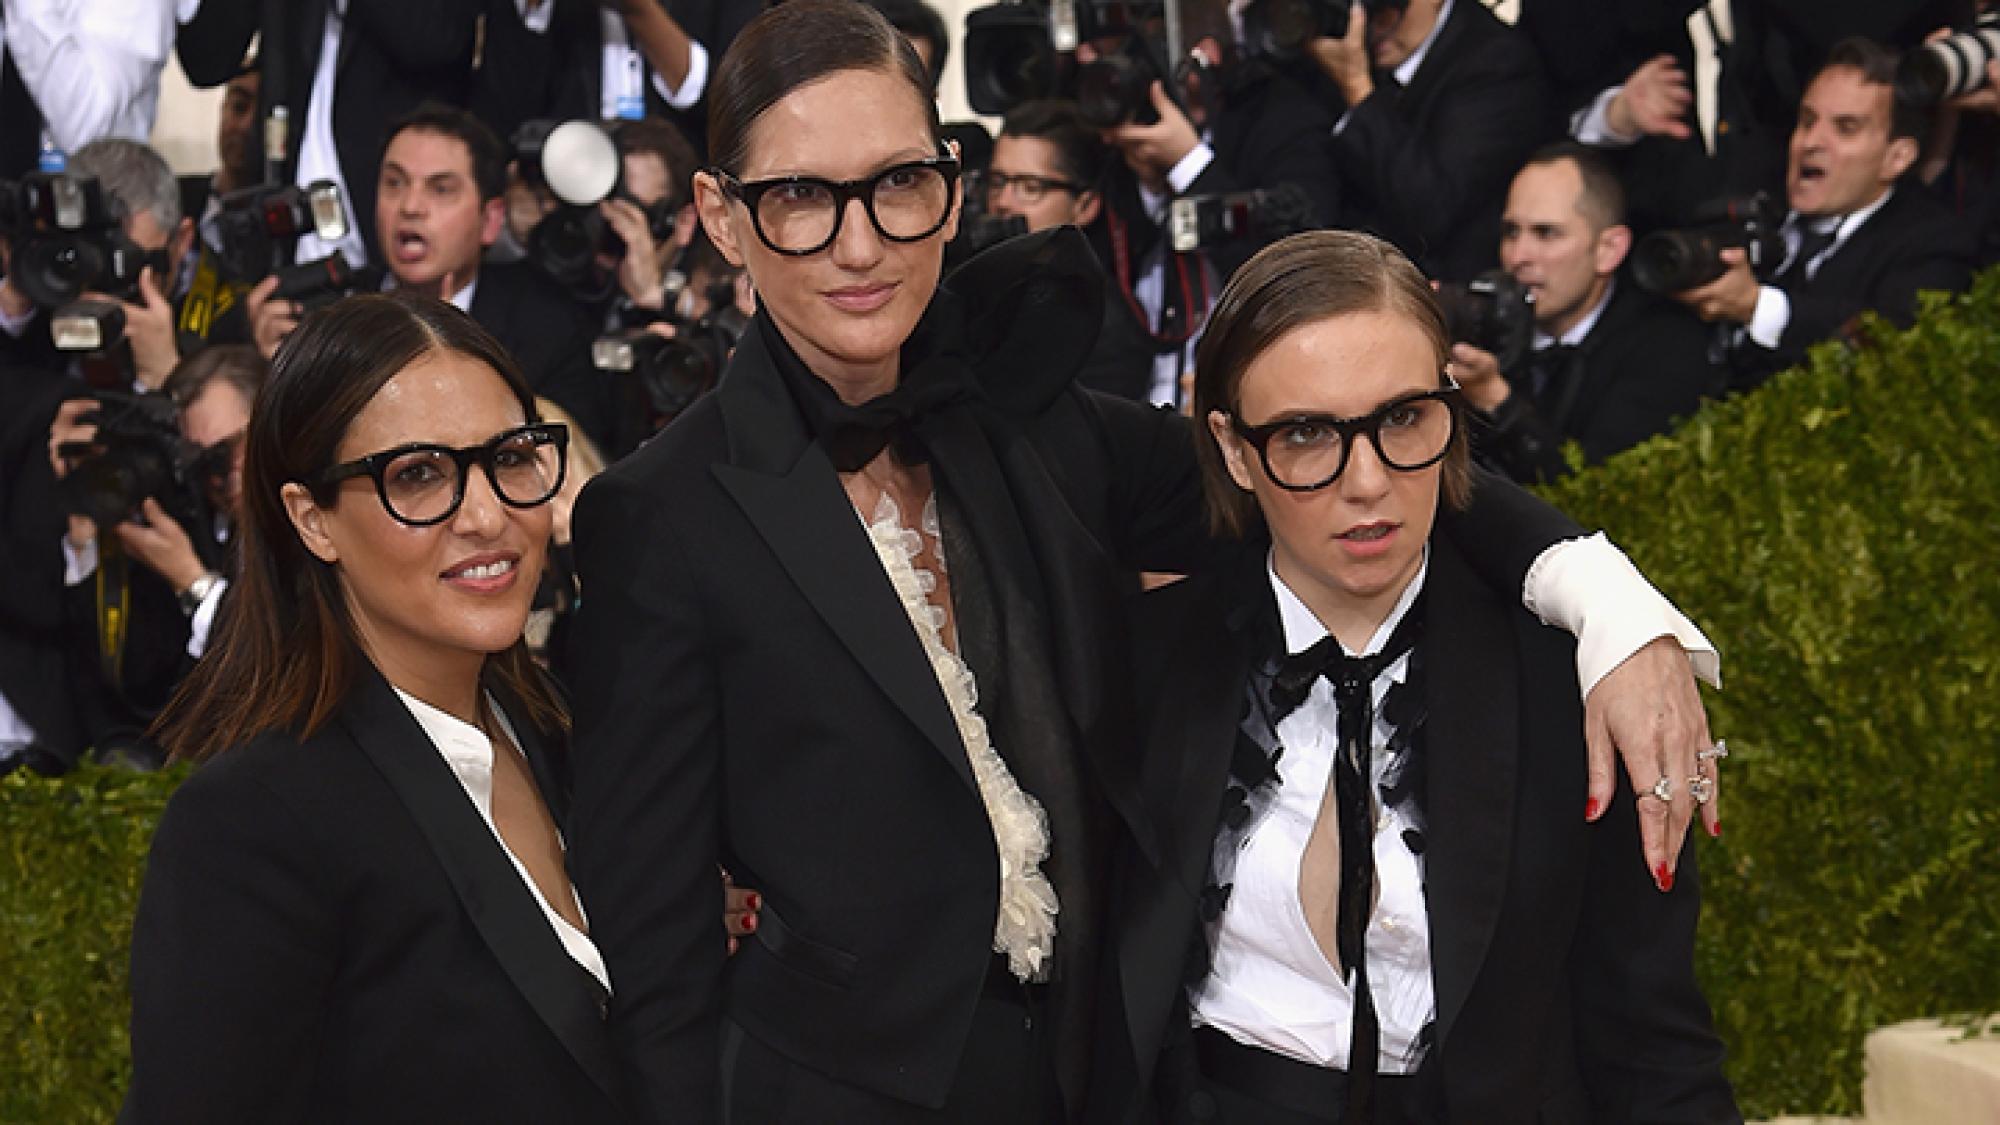 לנה דנהאם לצד ג'ניפר קונר וג'נה ליונס במט גאלה | צילום: GettyImages